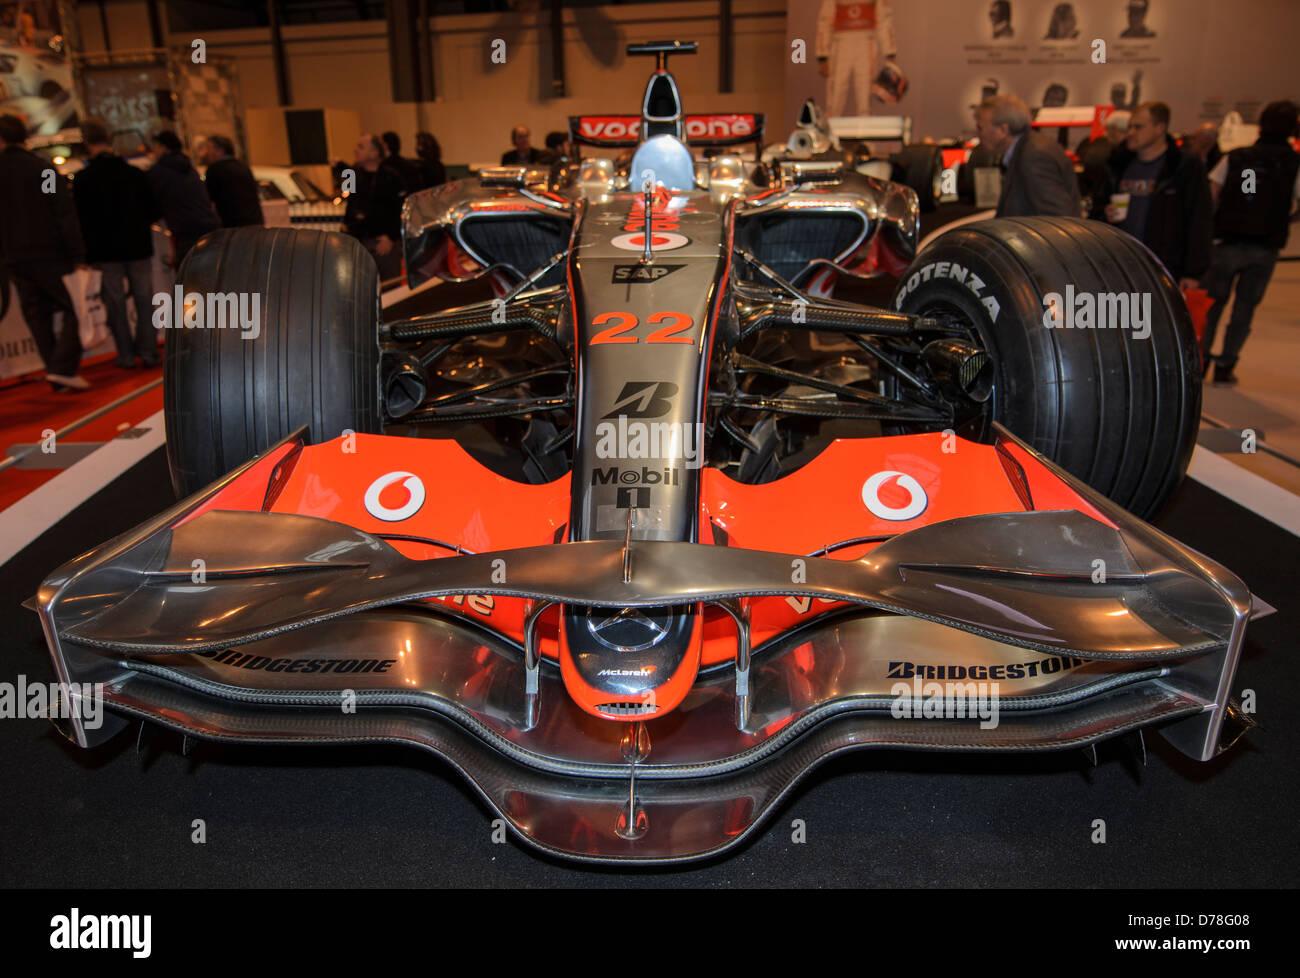 McLaren F1-Auto auf dem McLaren-Stand auf der Autosport Show, NEC, Birmingham, England am 14. Januar 2011 Stockbild